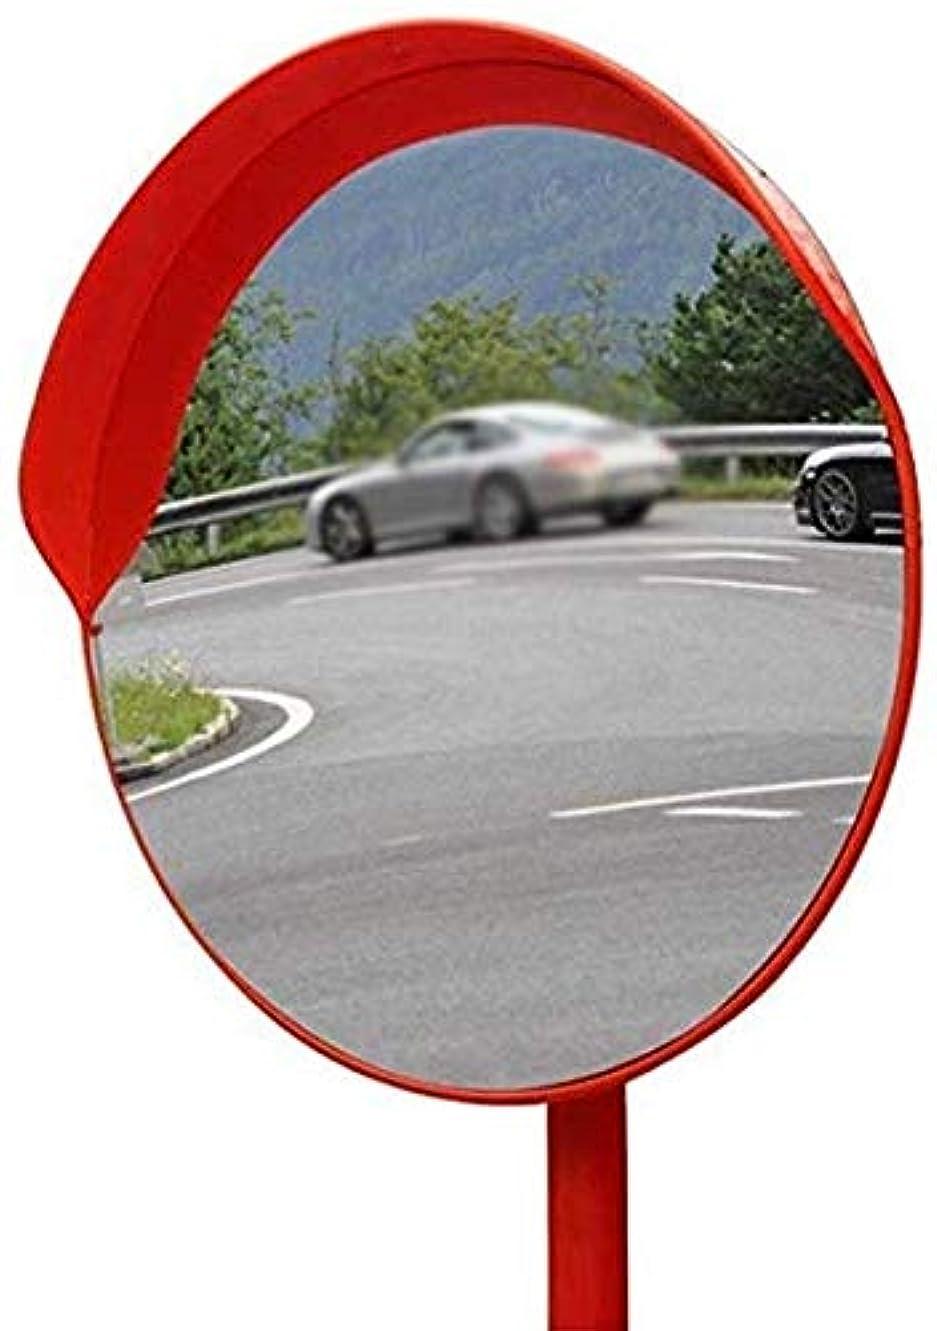 制裁電話をかける提唱する道路ダウンヒルターニングミラー、プラスチック車両のブラインドスポットミラーは、交通事故を低減します安全ミラーの直径:45CM / 60CM / 80CM(サイズ:45CM)